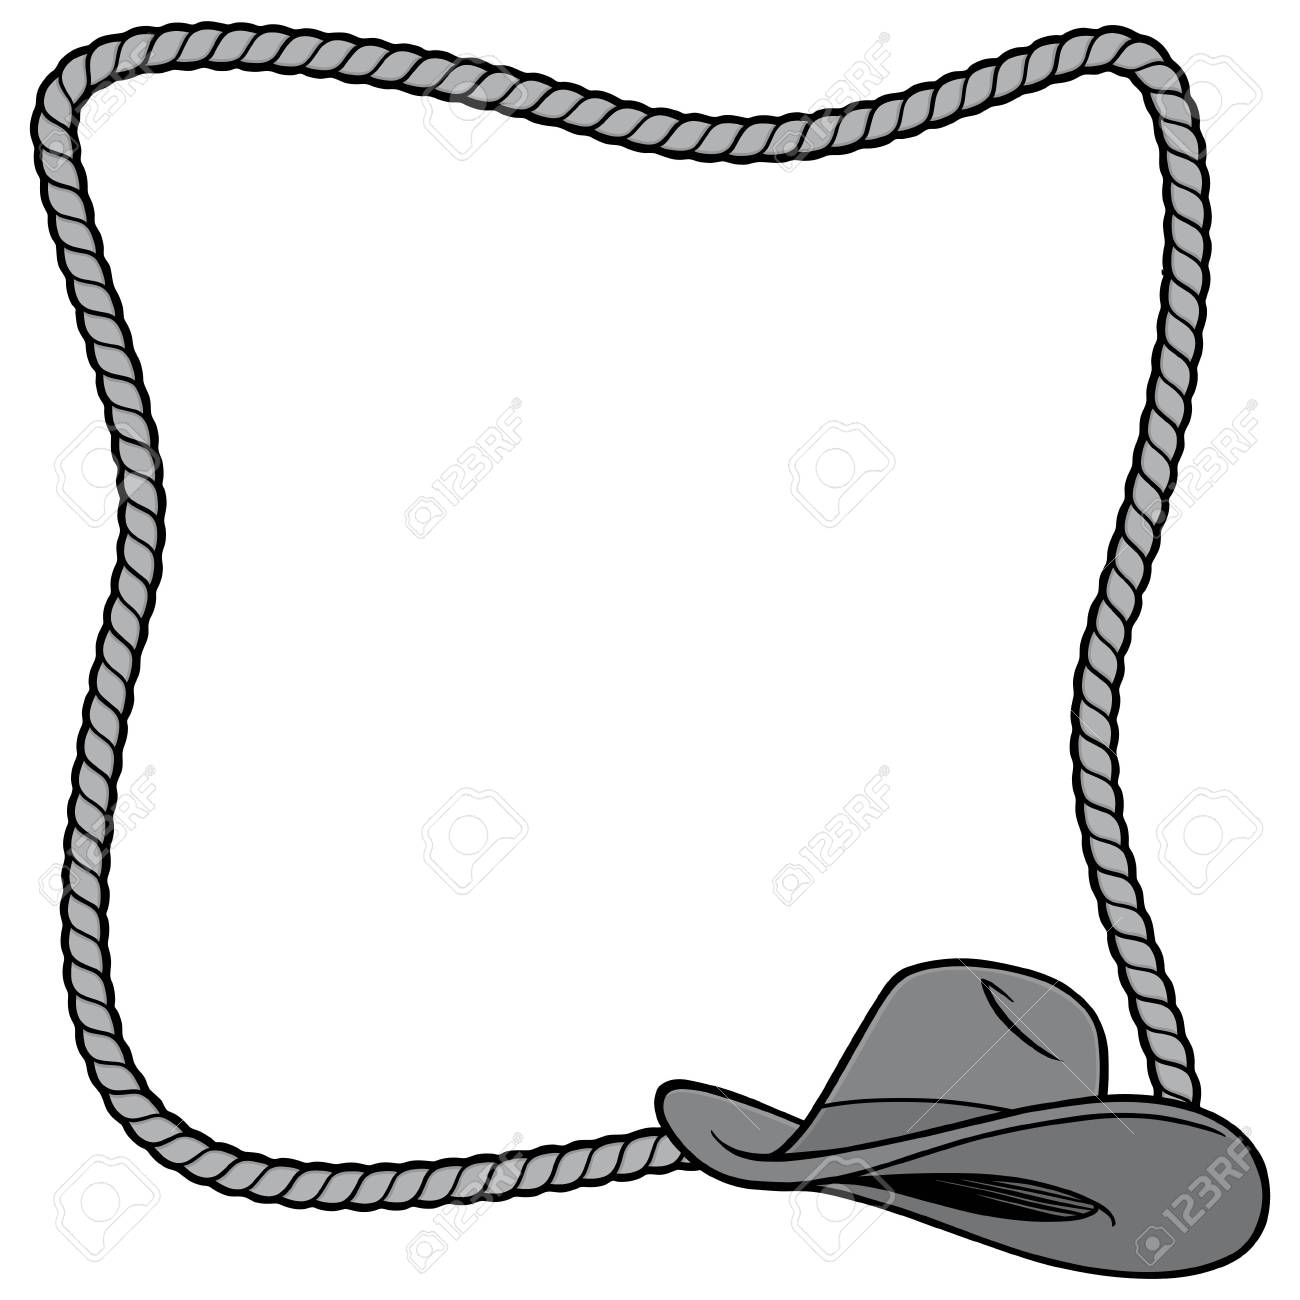 rope frame and cowboy hat illustration a vector cartoon rh 123rf com Funny Cowboy Clip Art Cowboy Lasso Clip Art